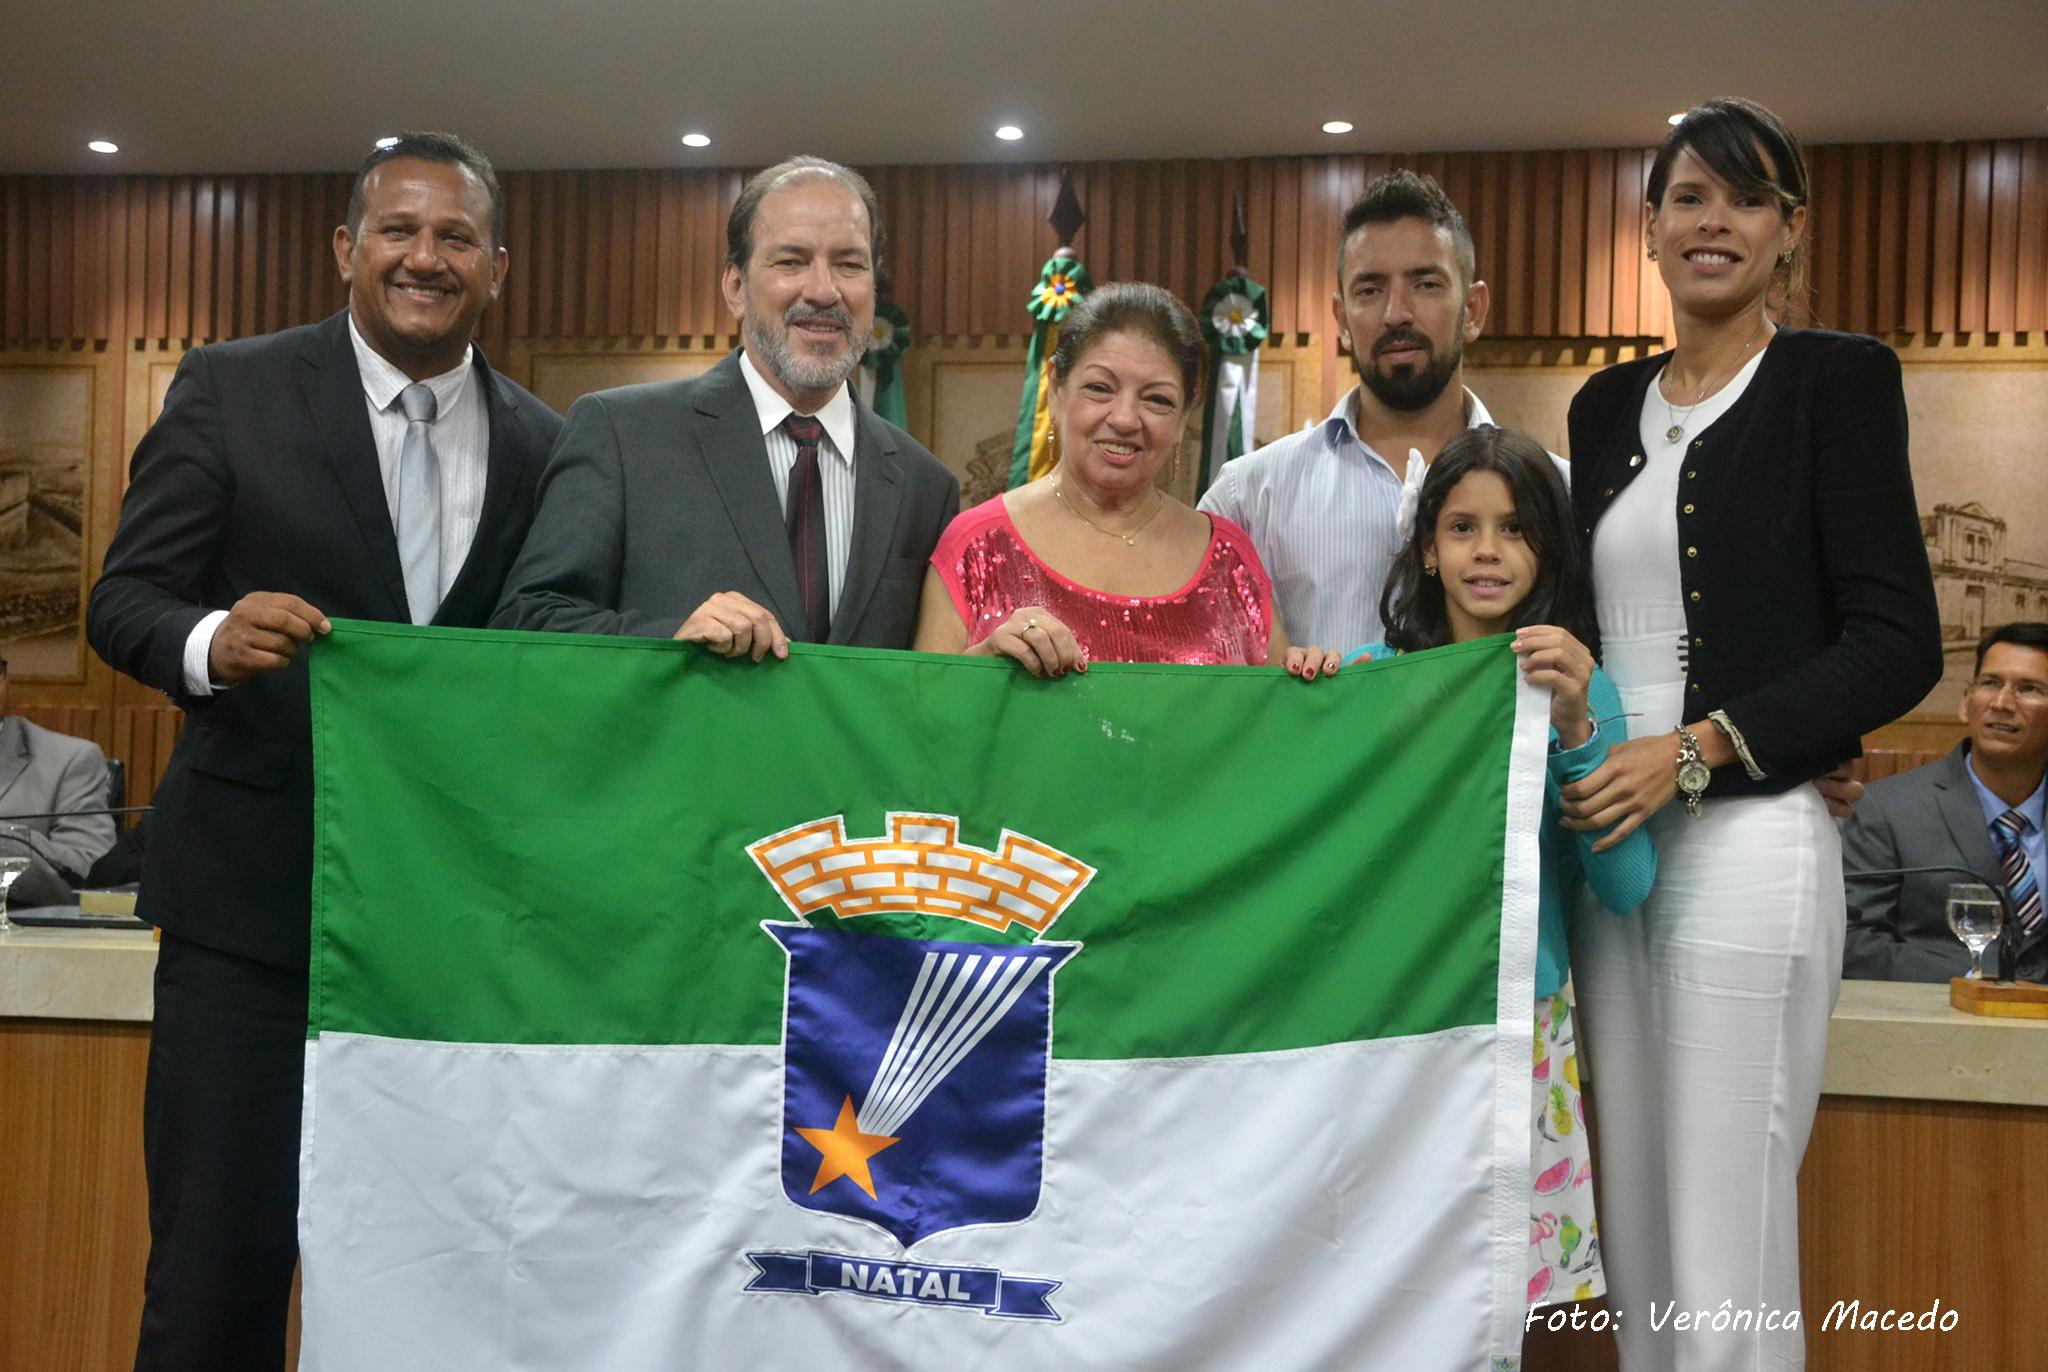 Câmara de Natal homenageia os 122 anos da Igreja Presbiteriana do Brasil no RN